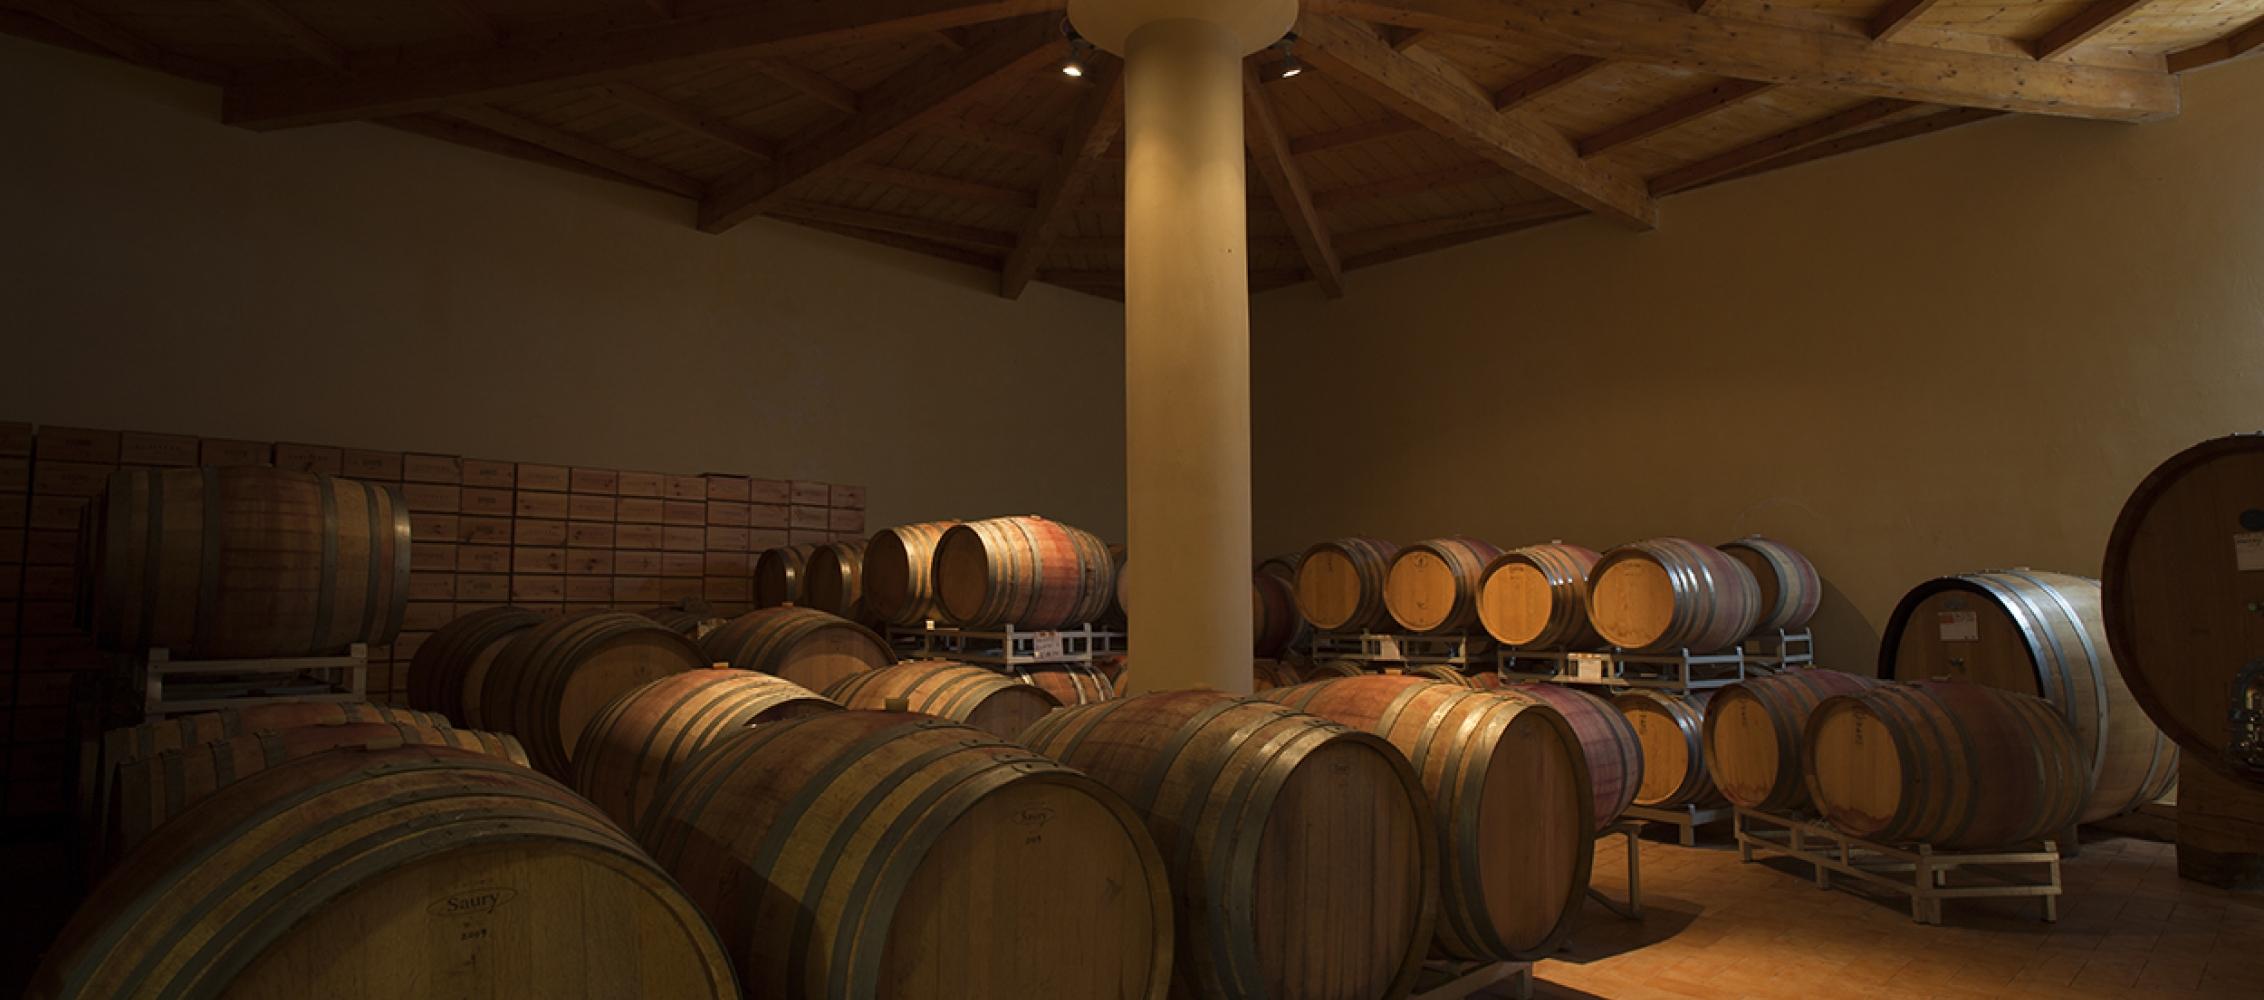 Col di bacche - produzione e vendita vini maremmani : interno della cantina con le caratteristiche bottiin rovere